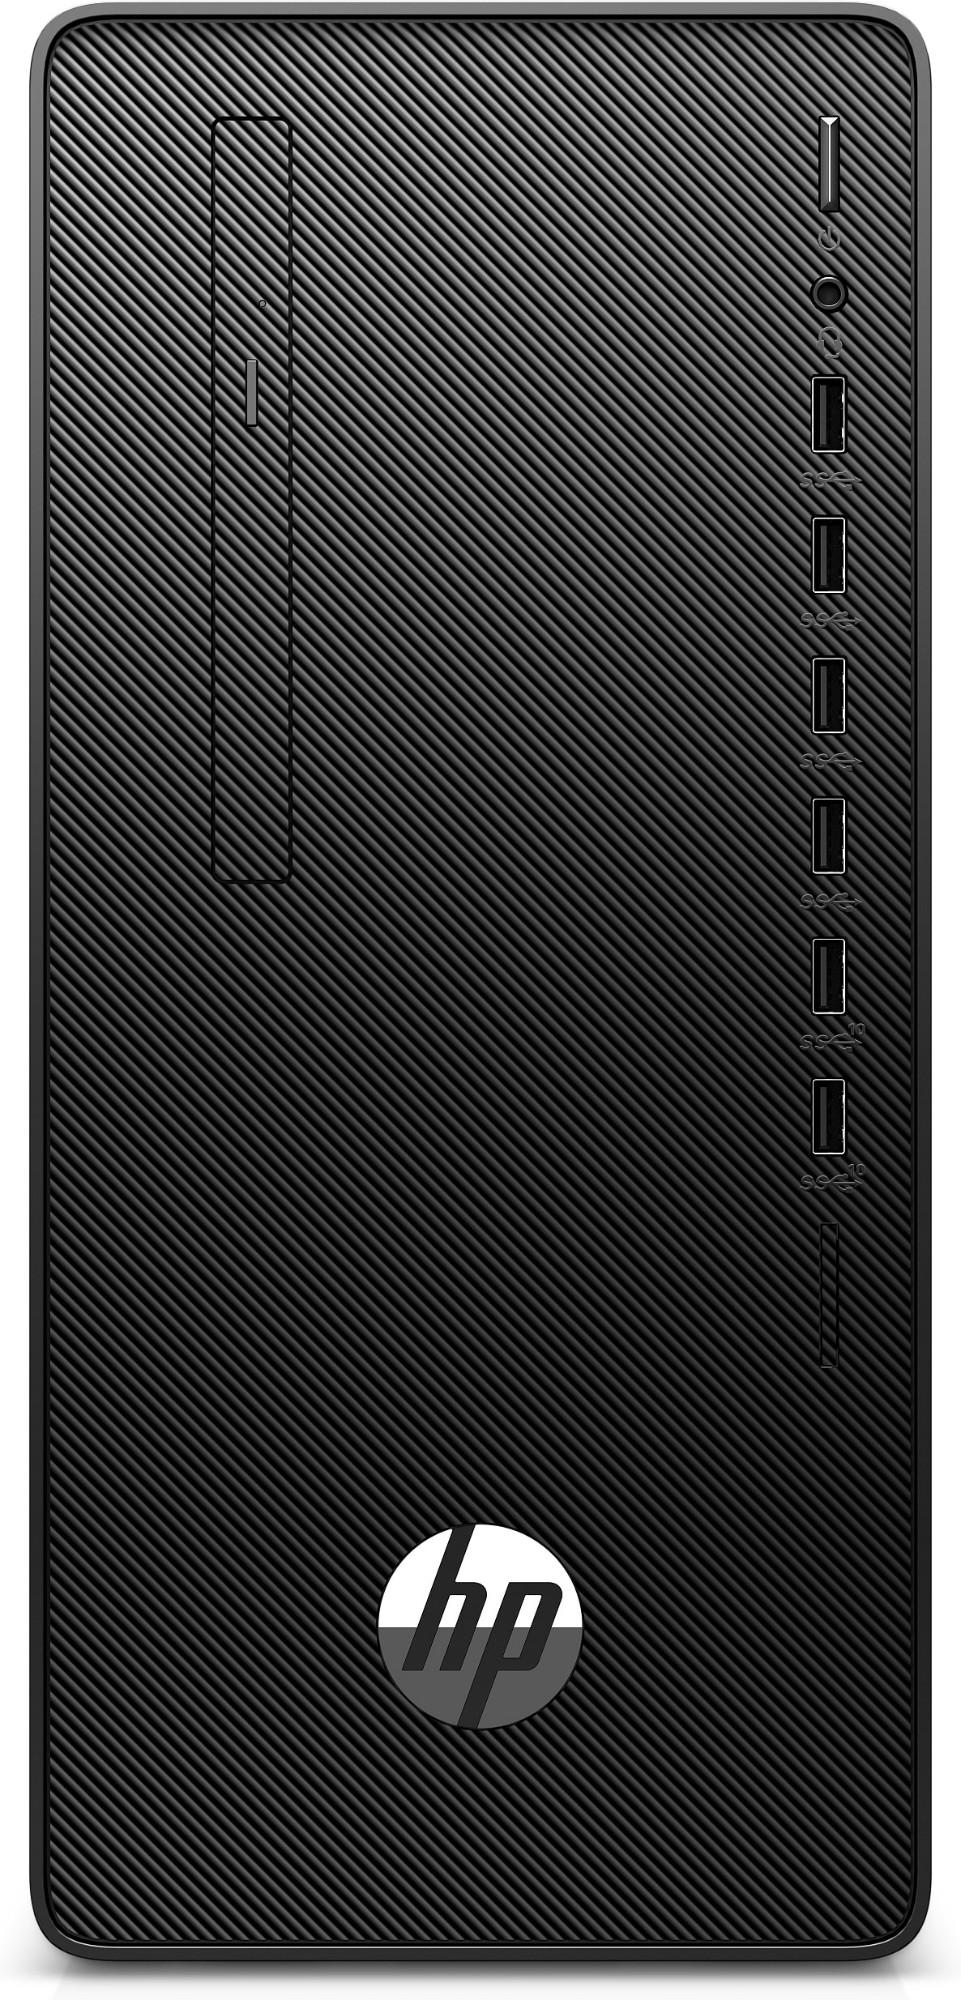 HP 290 G4 DDR4-SDRAM i3-10100 Micro Tower 10th gen Intel-� Core��� i3 8 GB 256 GB SSD Windows 10 Pro PC Black